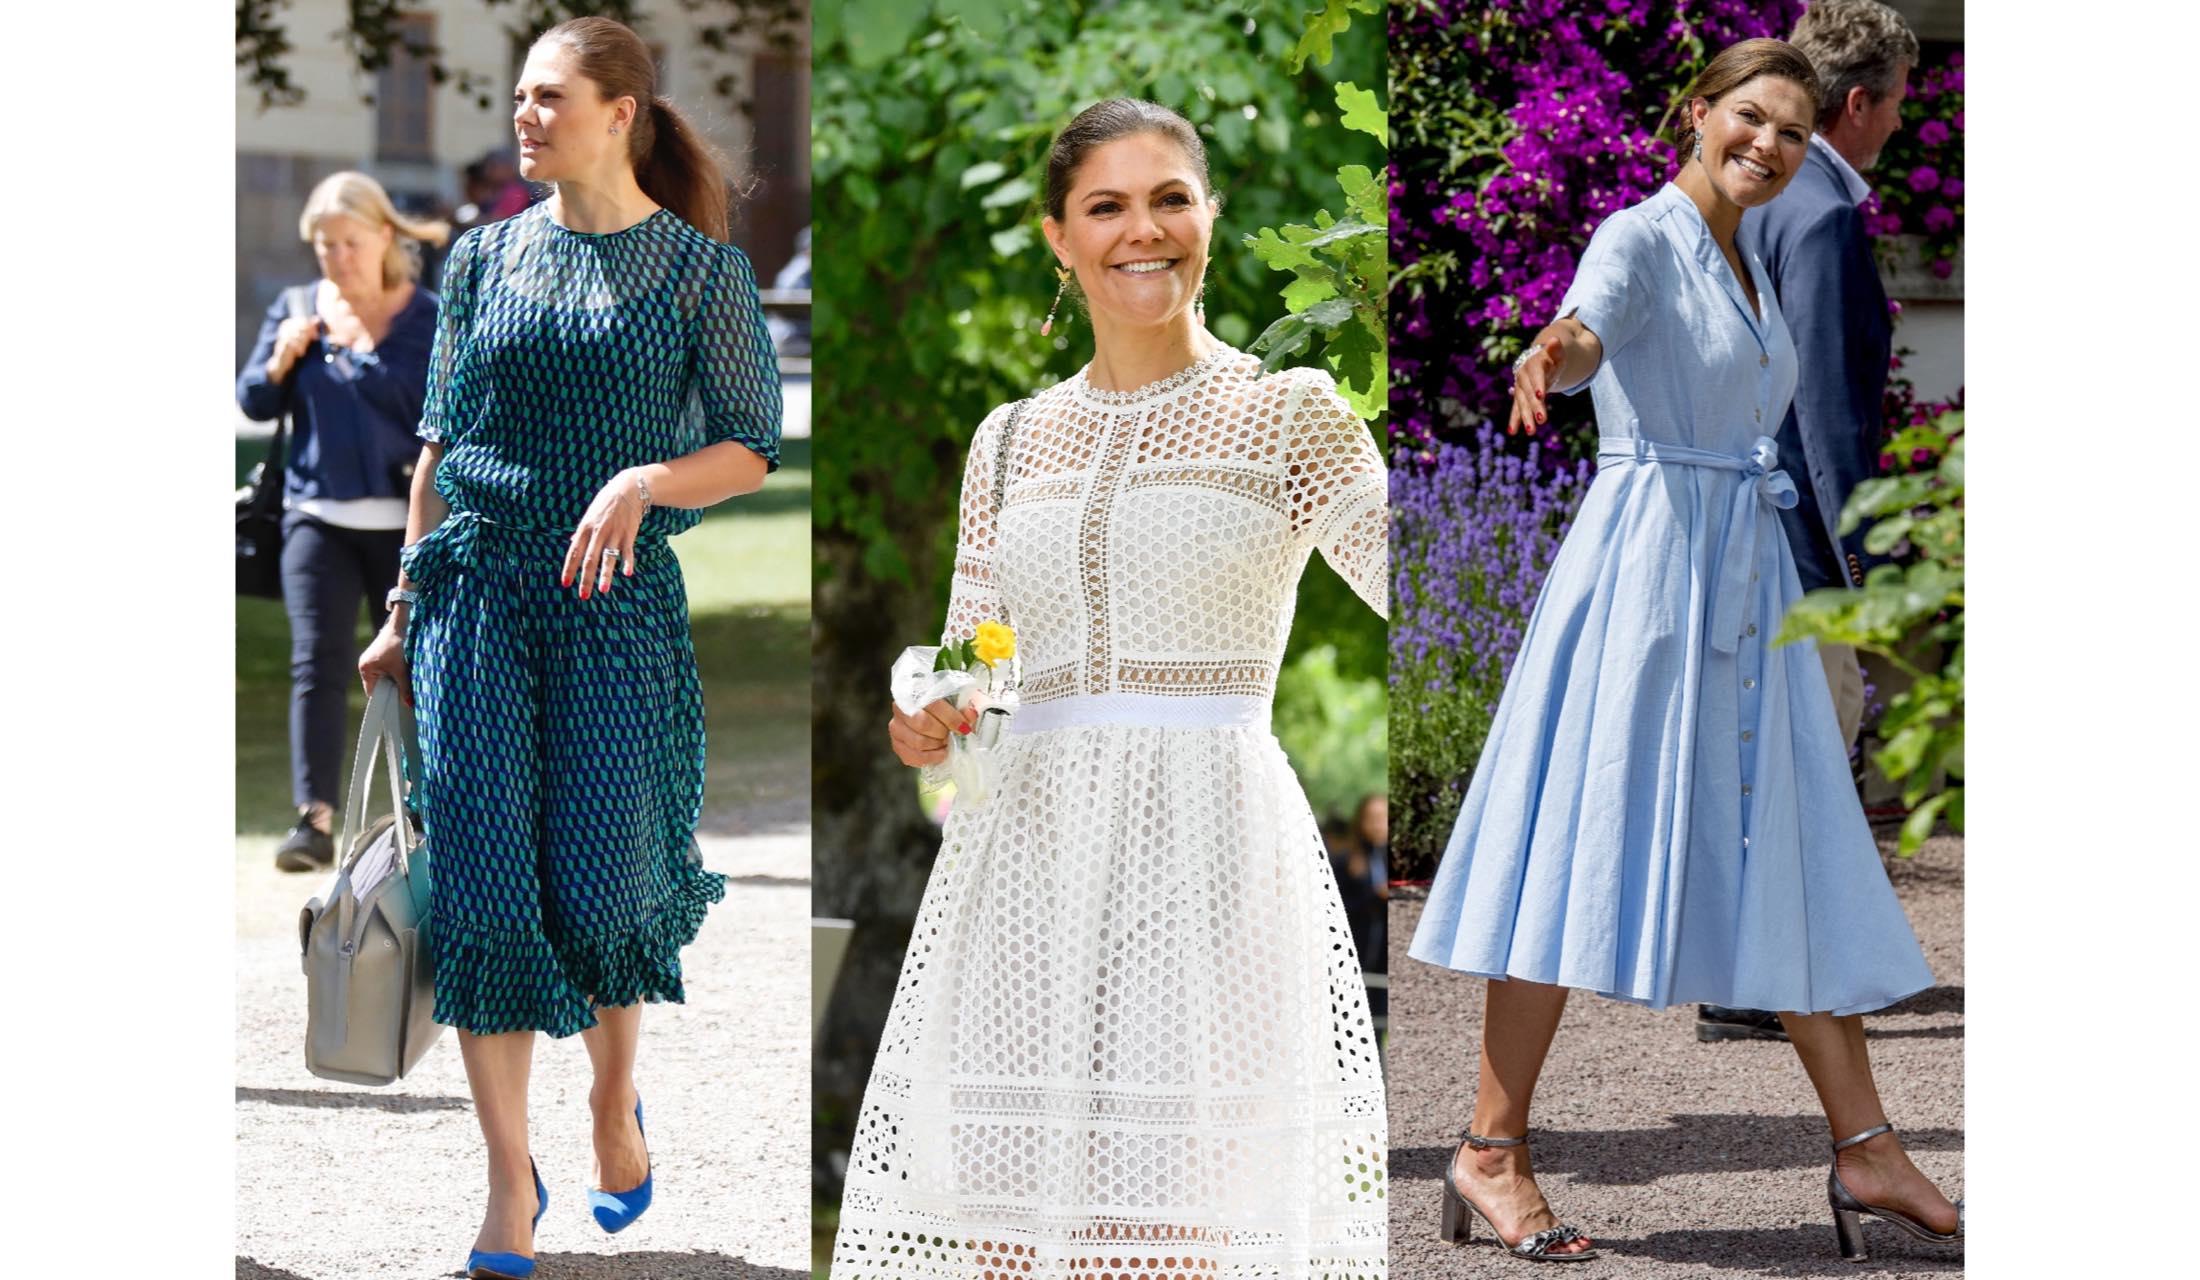 ワンピースを着こなすヴィクトリア女王